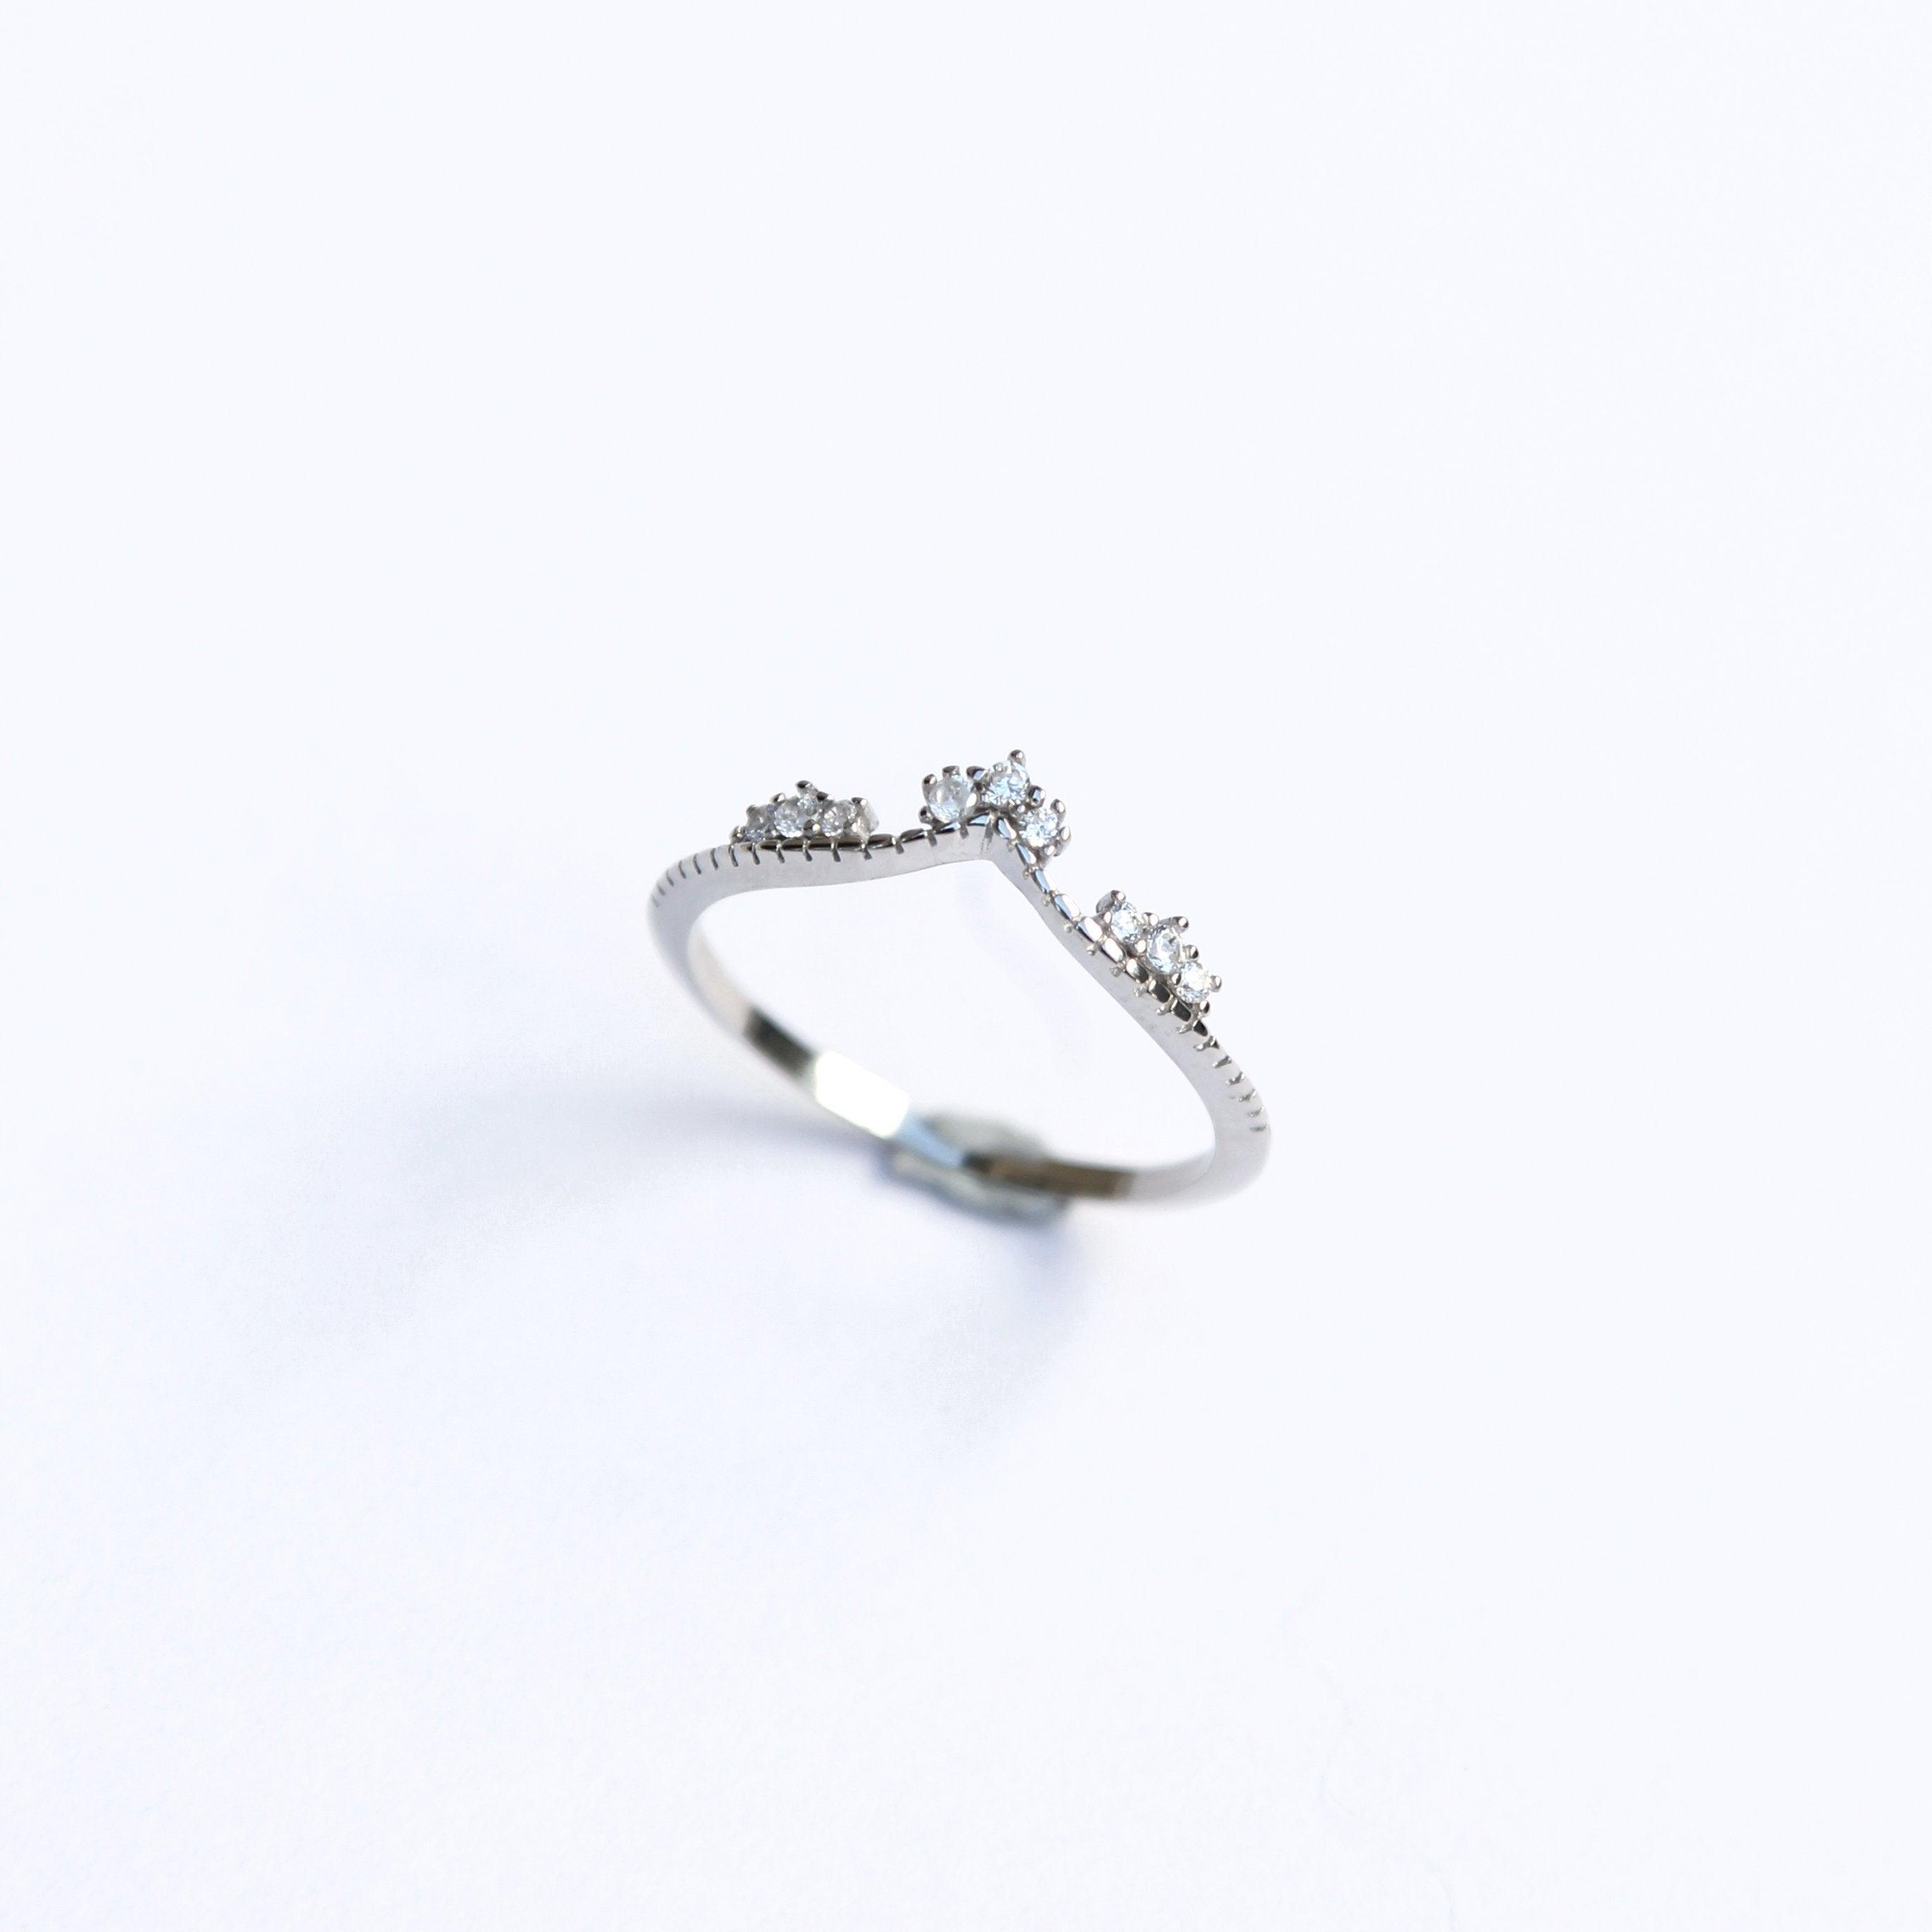 Sterling Silver Wishbone Ring / Tiara Gemstone Ring / Minimal Jewellery / Minimal Stacking Rings Throughout Newest Tiara Wishbone Rings (View 4 of 25)